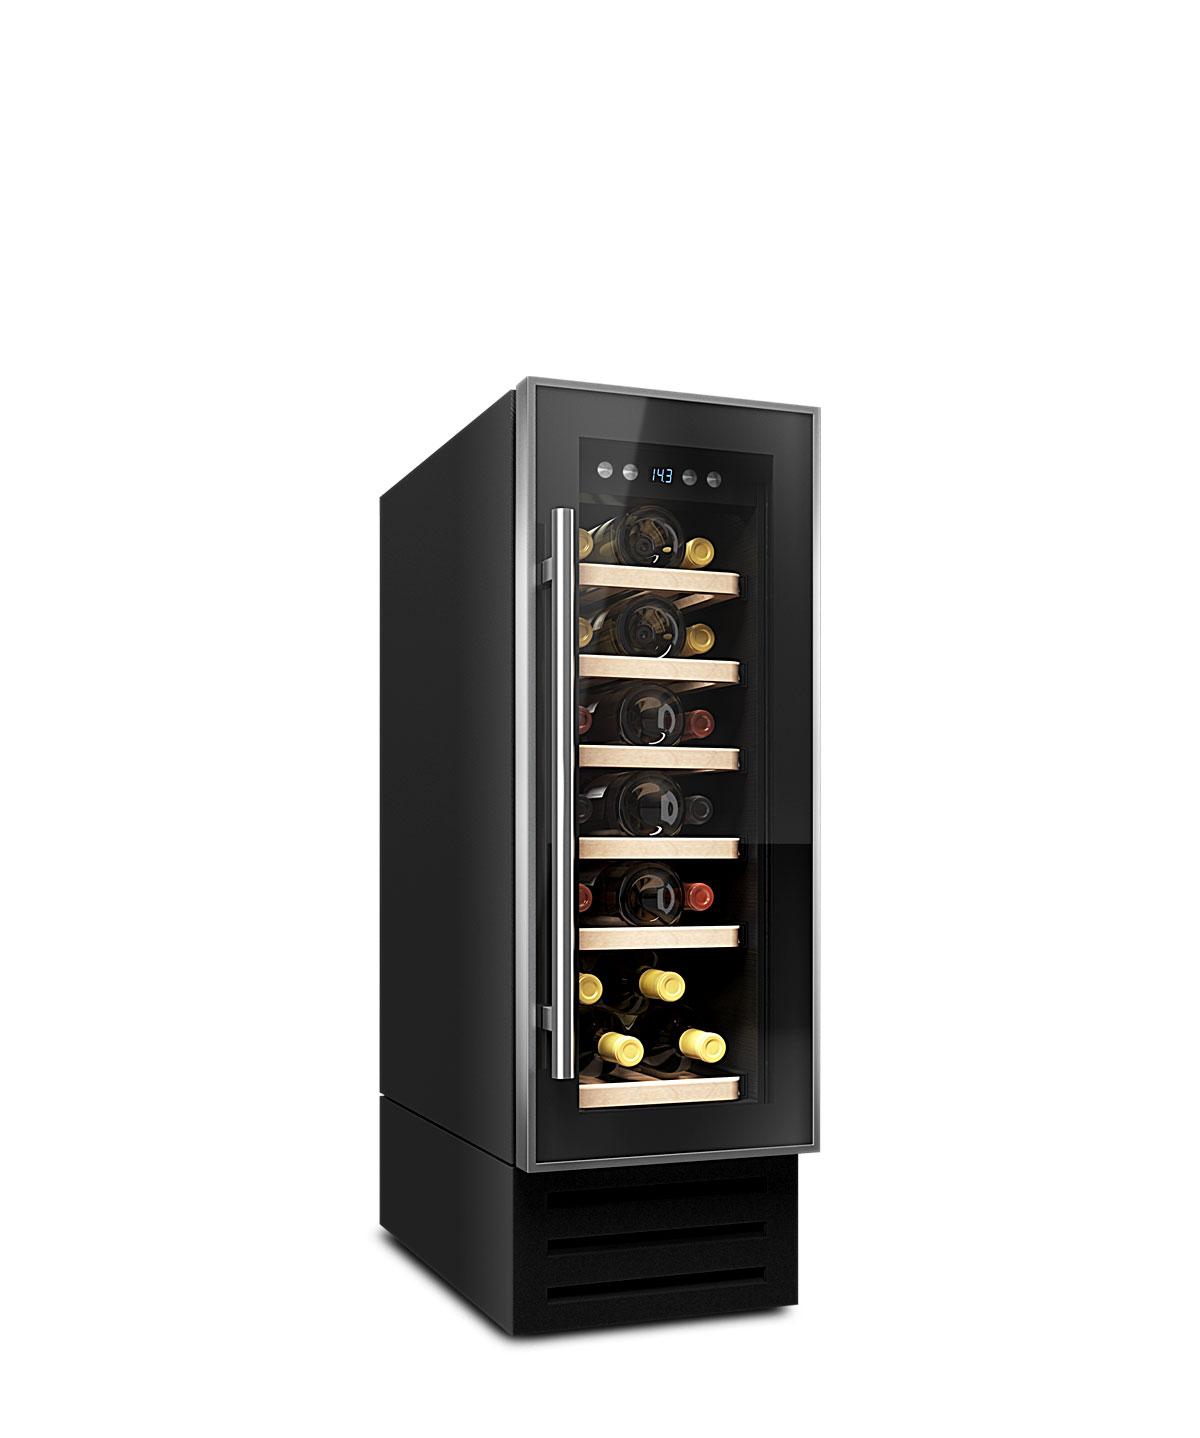 Weinkühlschrank 19 Flaschen, einbaufähig oder freistehend, Kompressor